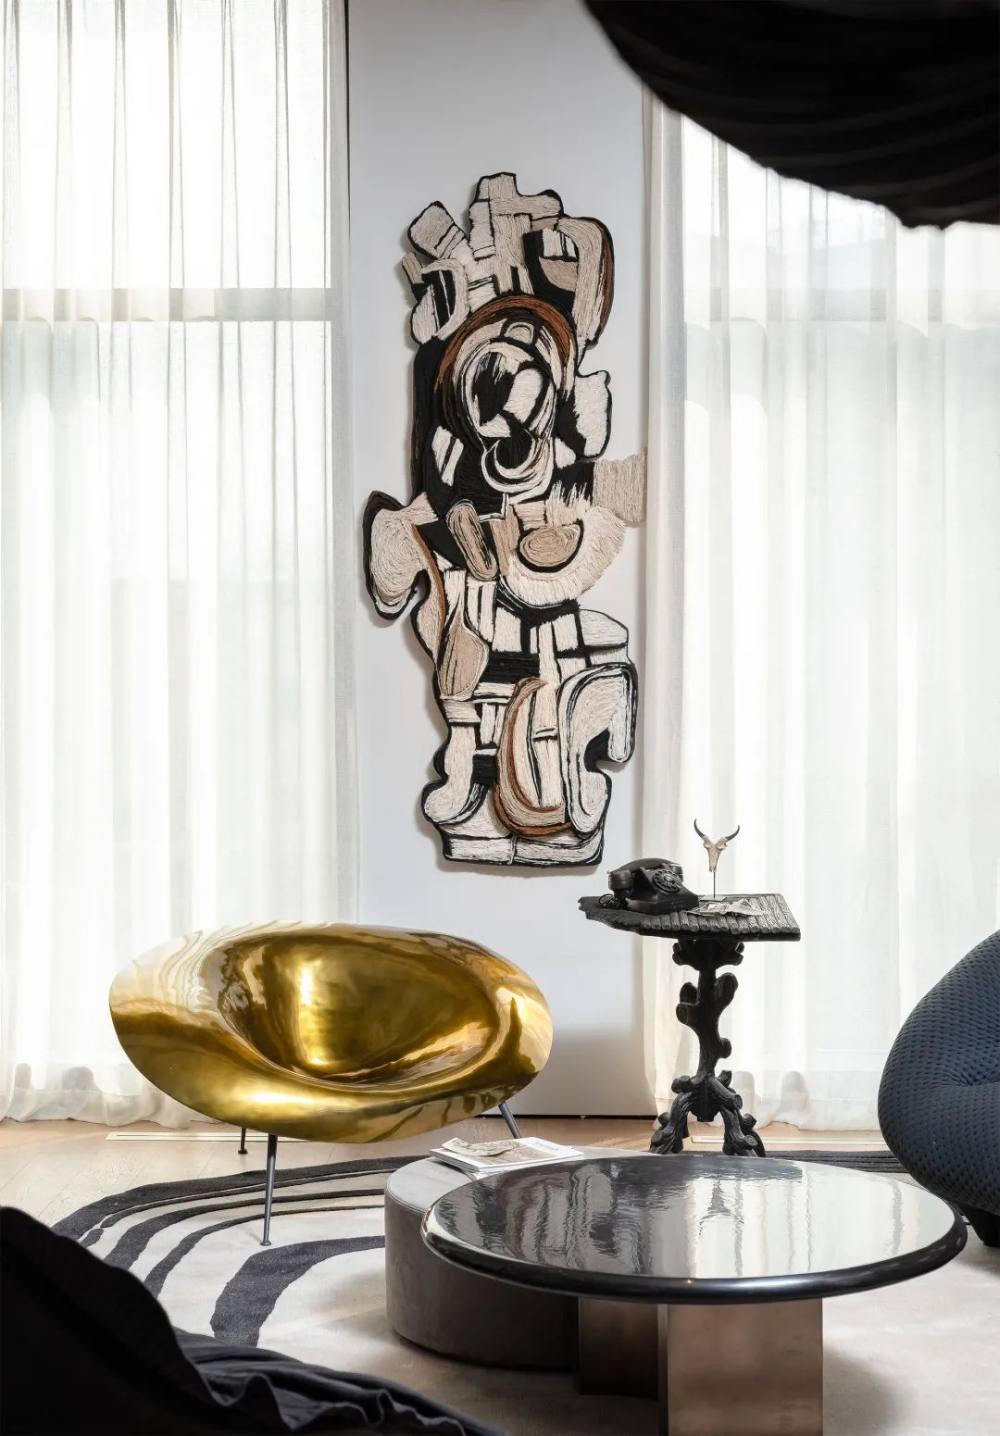 布鲁盟设计丨阳光城梵悦108:设计生活与艺术的共同体-13.jpg